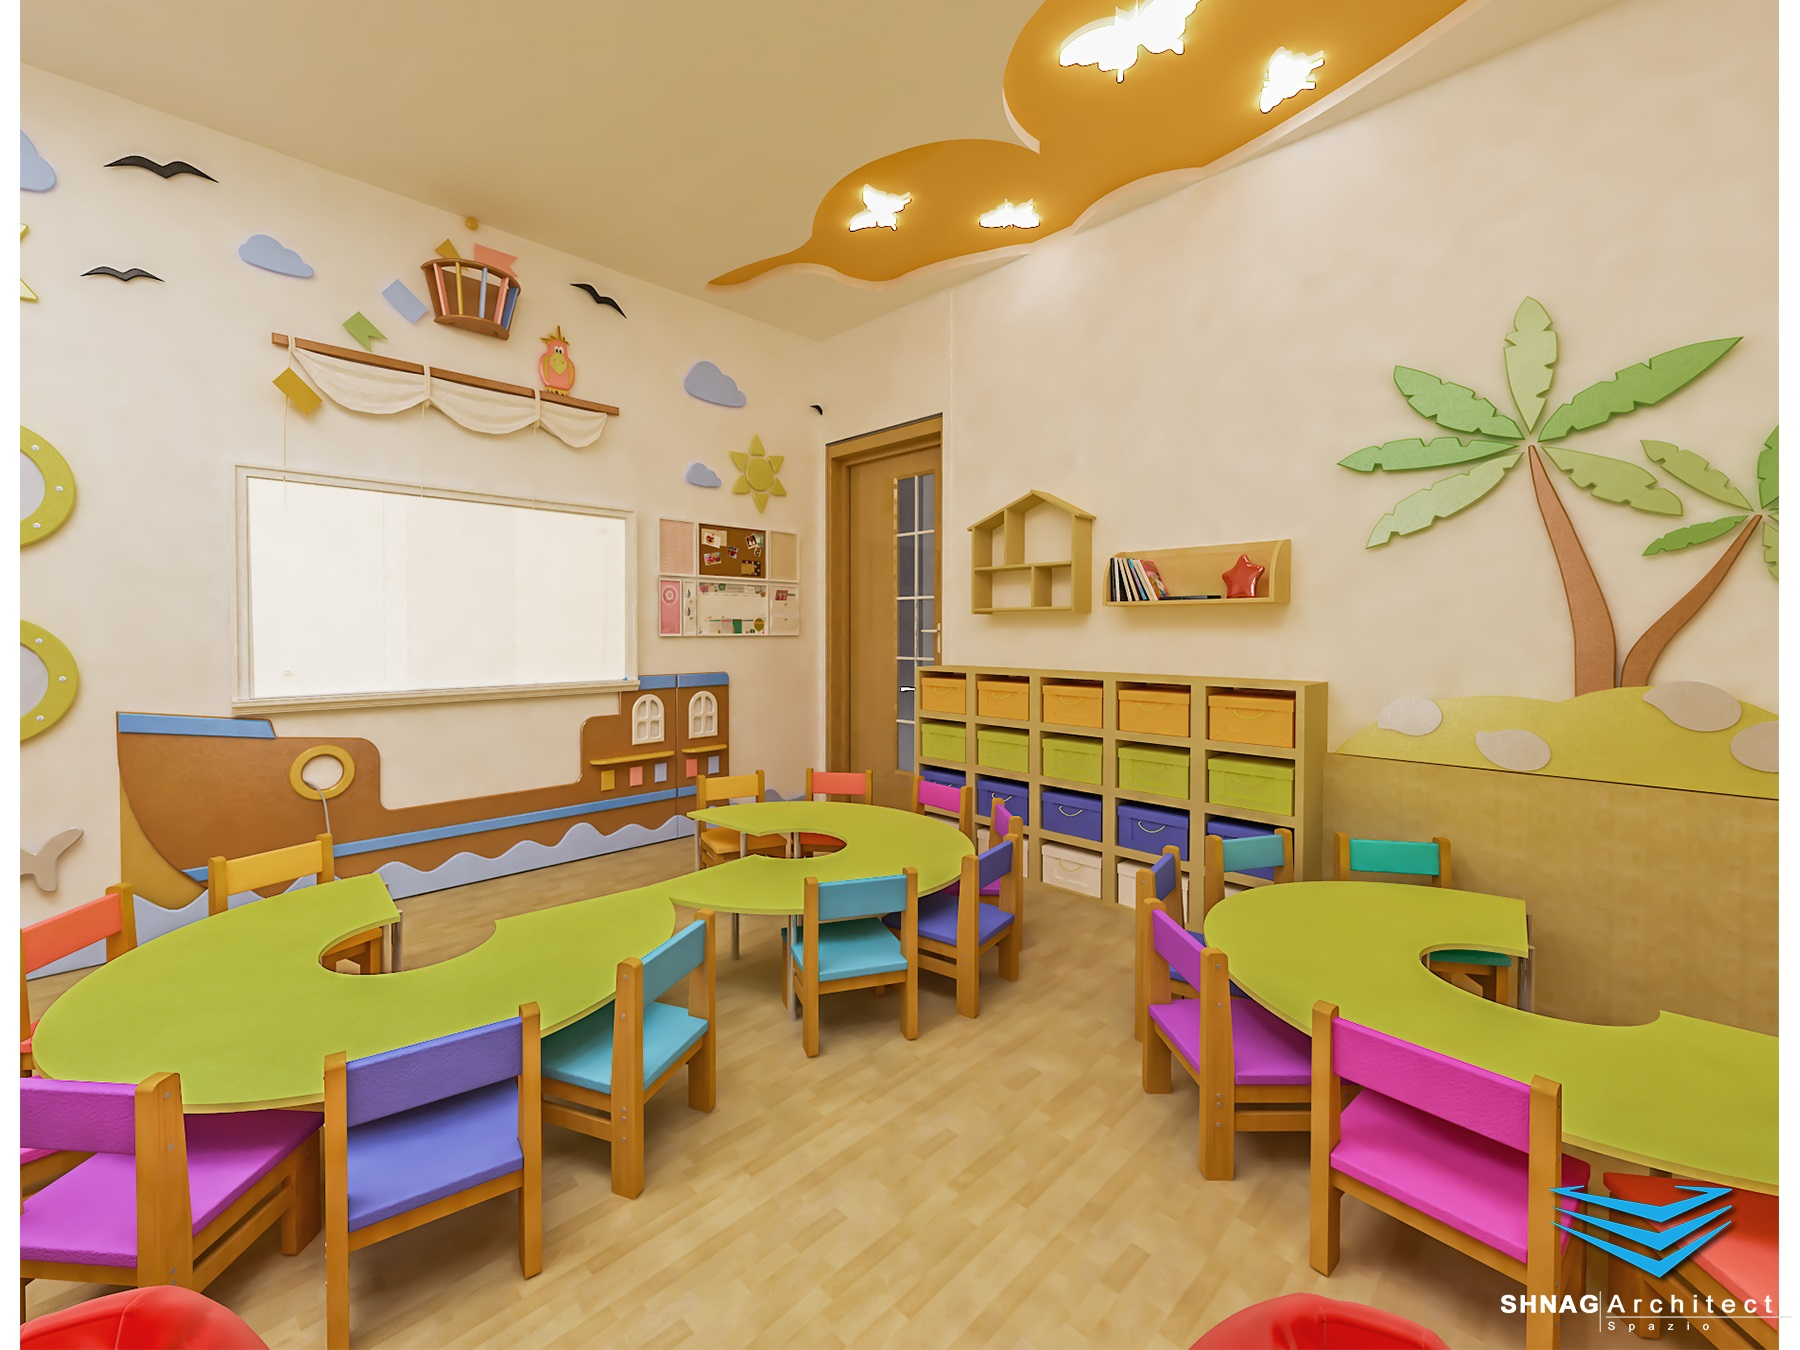 Commercial Interior Design Ideas SHNAG For Exterior